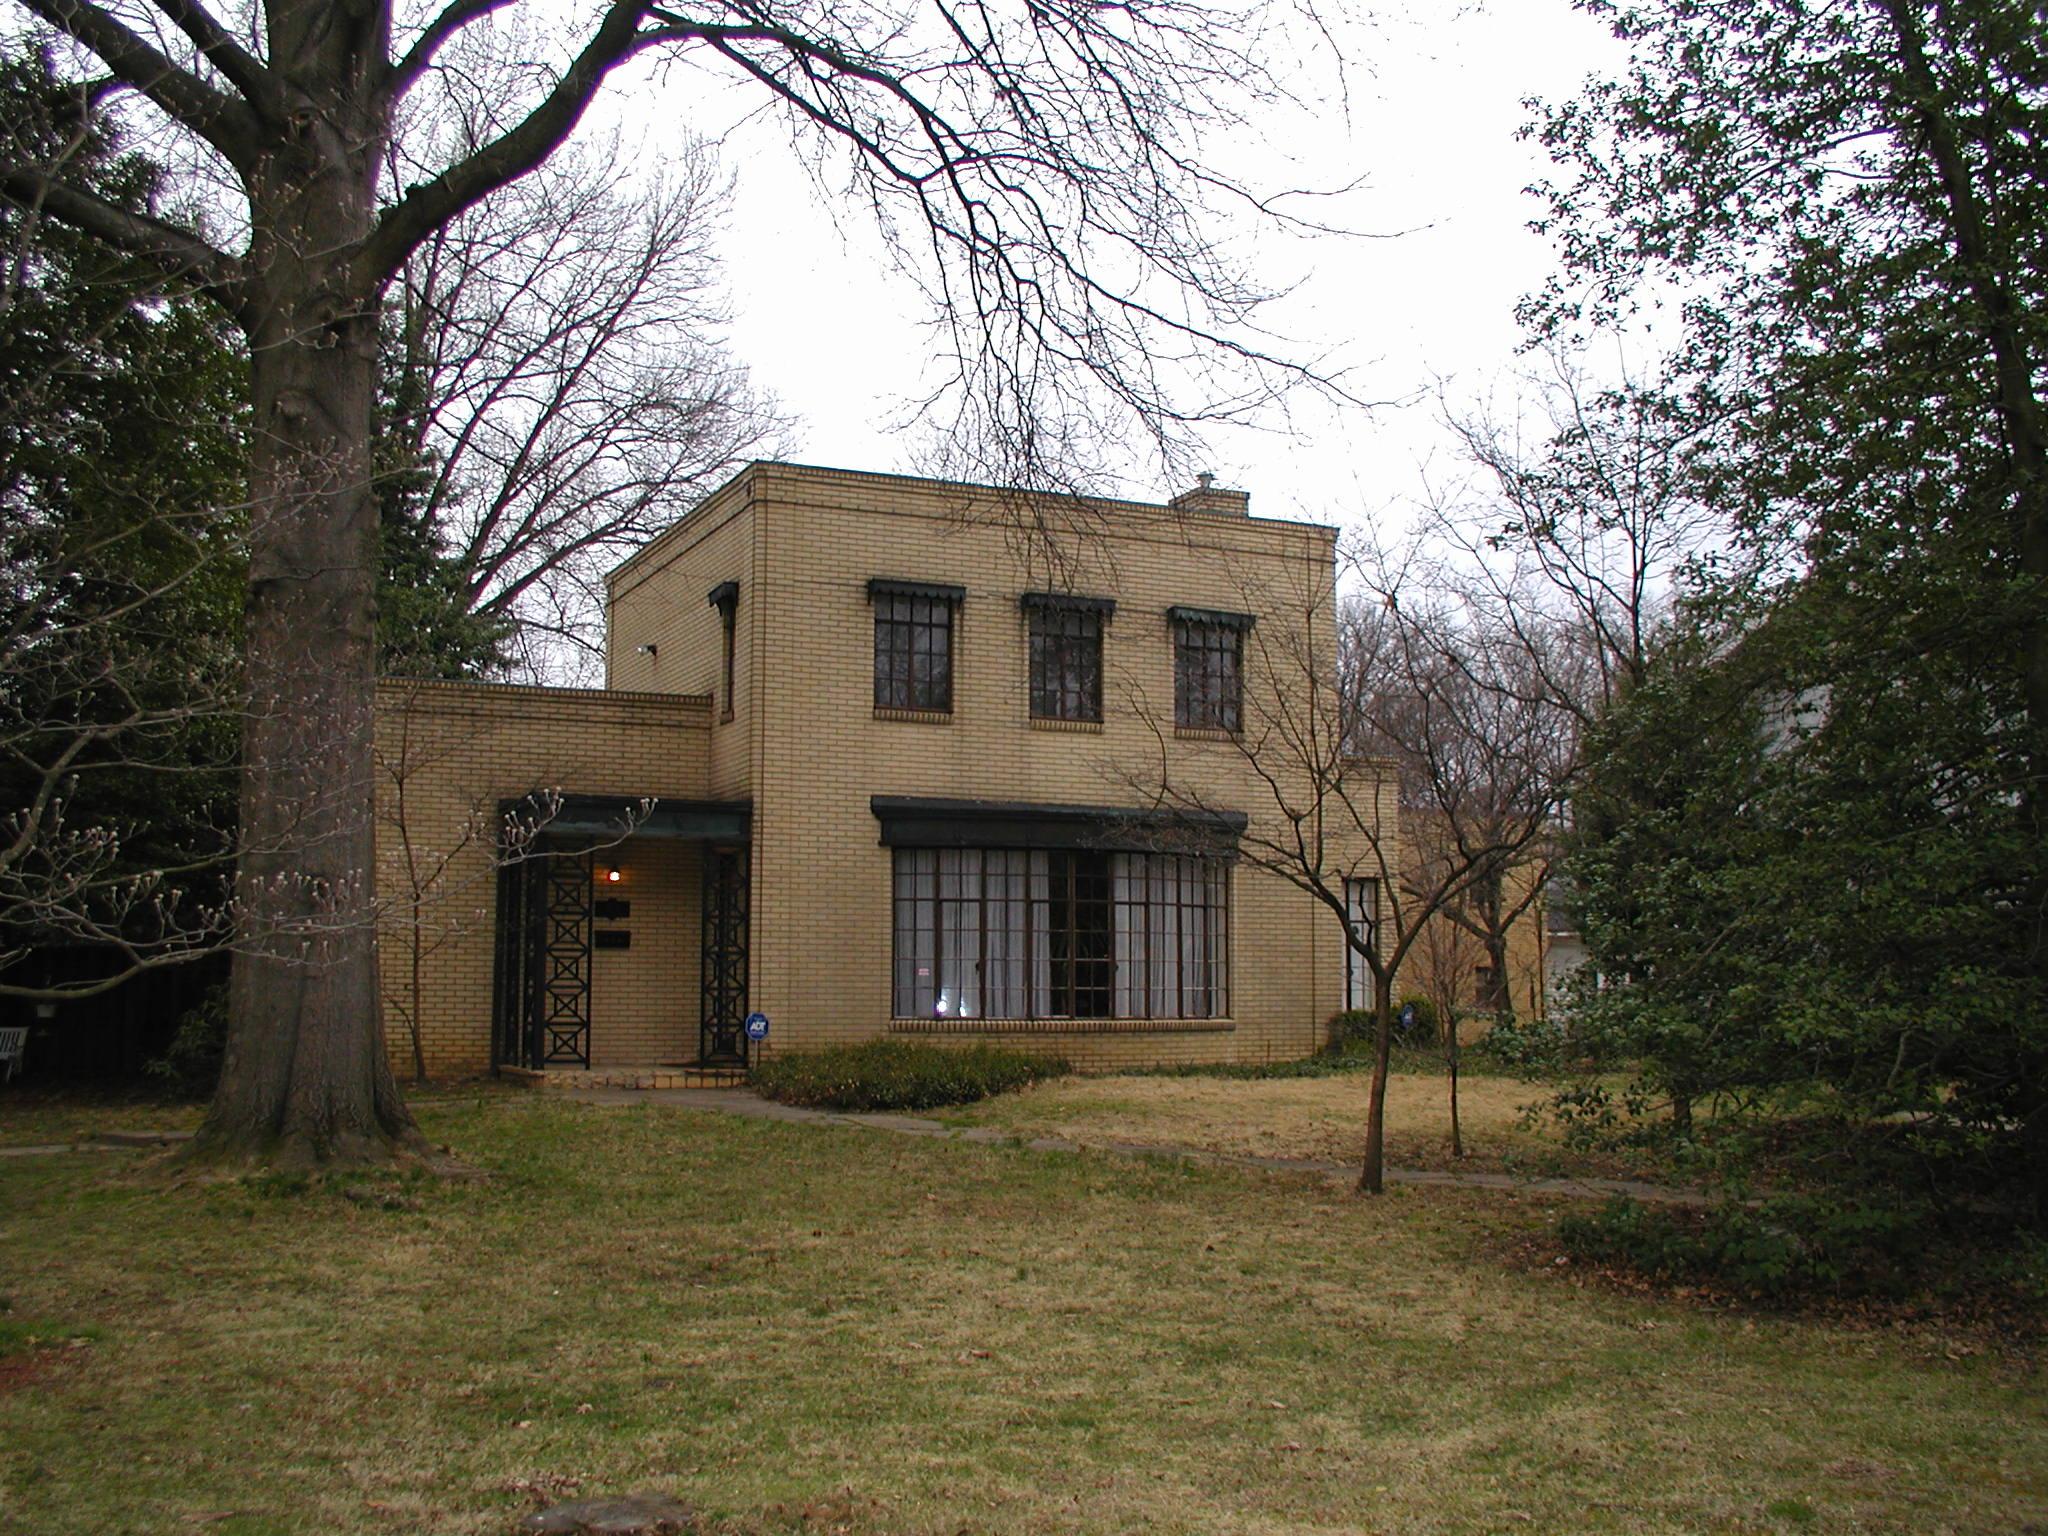 The Ensign-Seelinger House